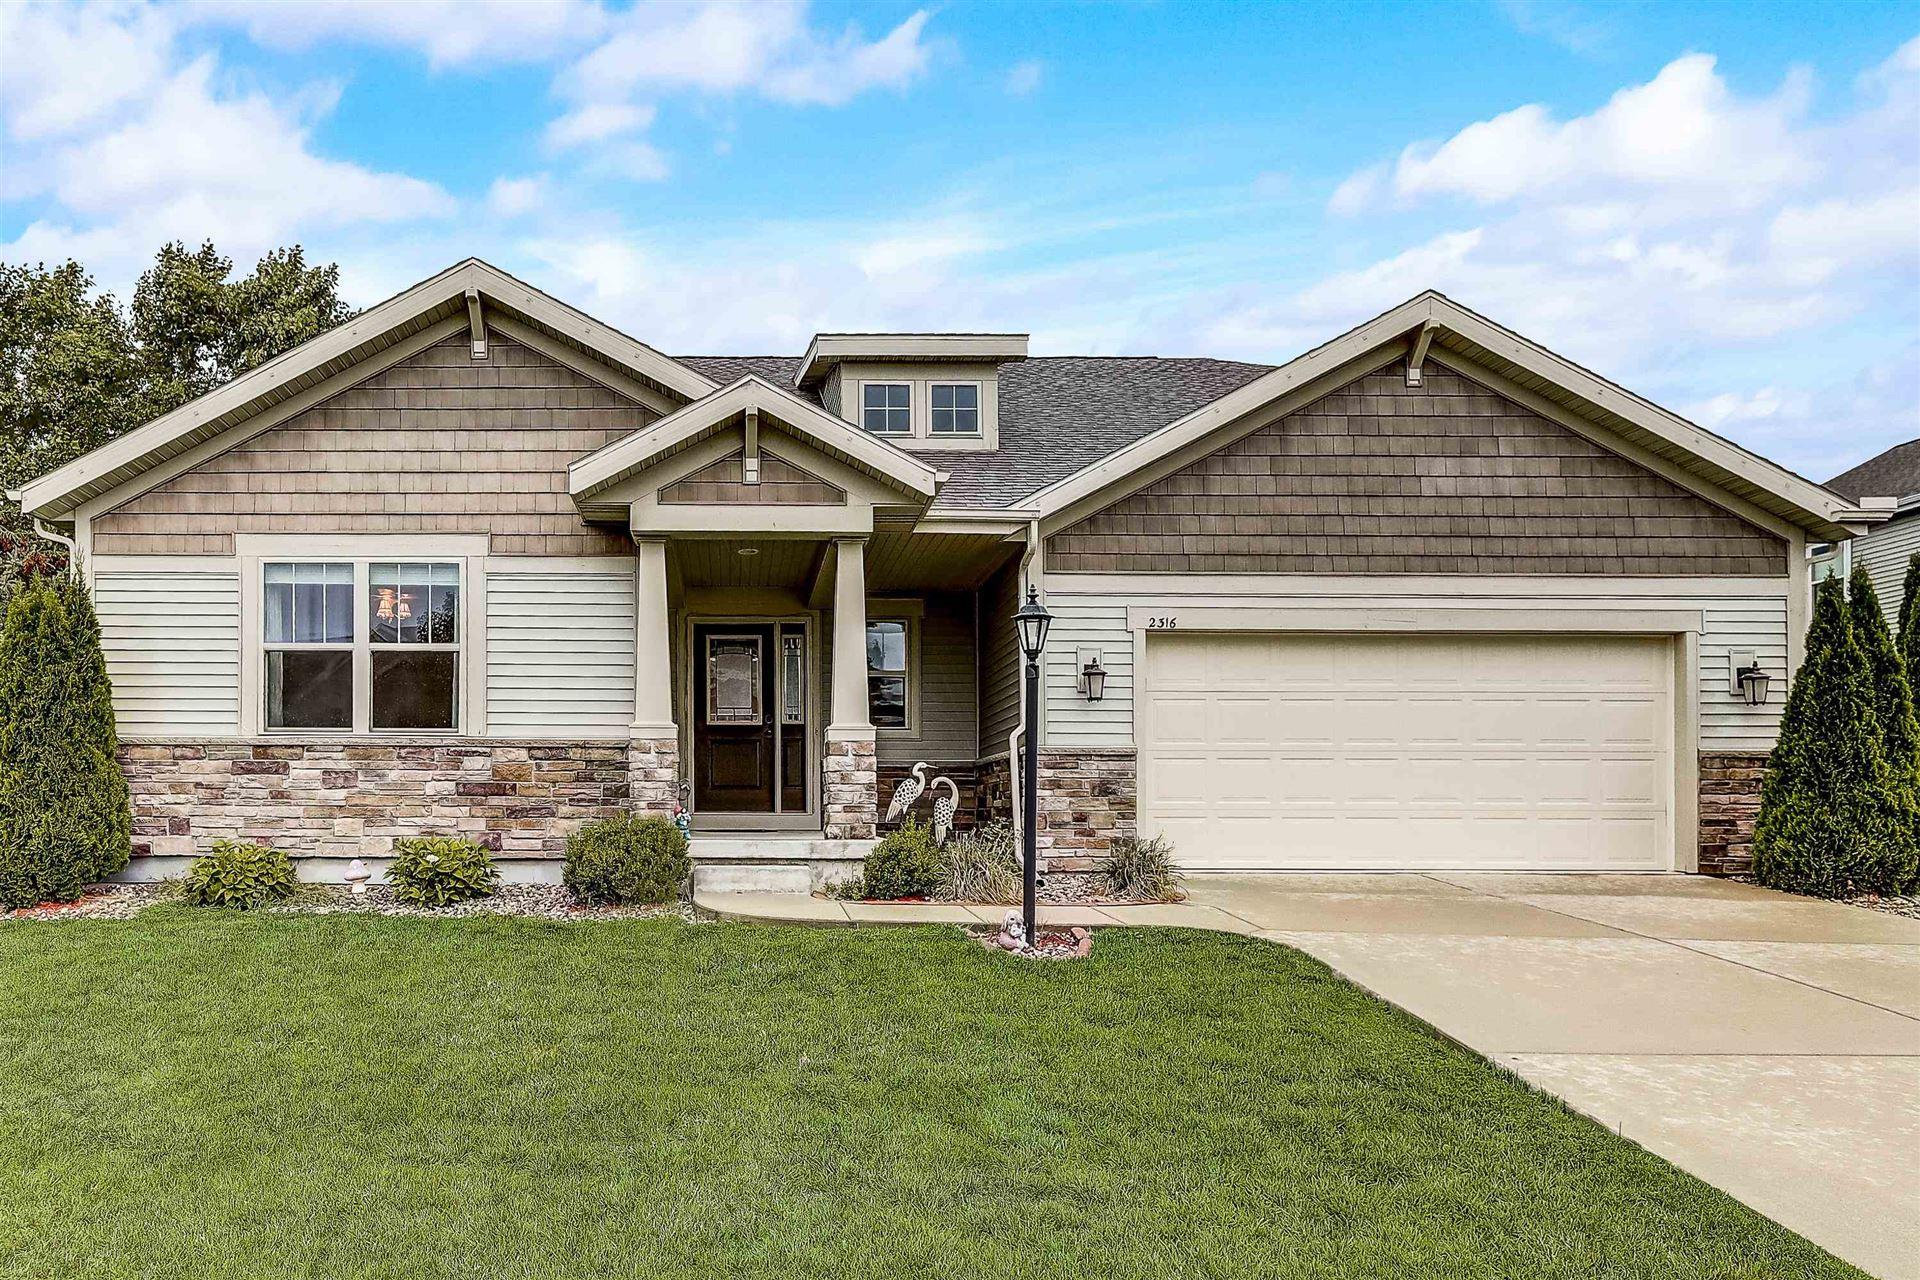 2316 Blue Heron Blvd, Sun Prairie, WI 53590 - #: 1919341